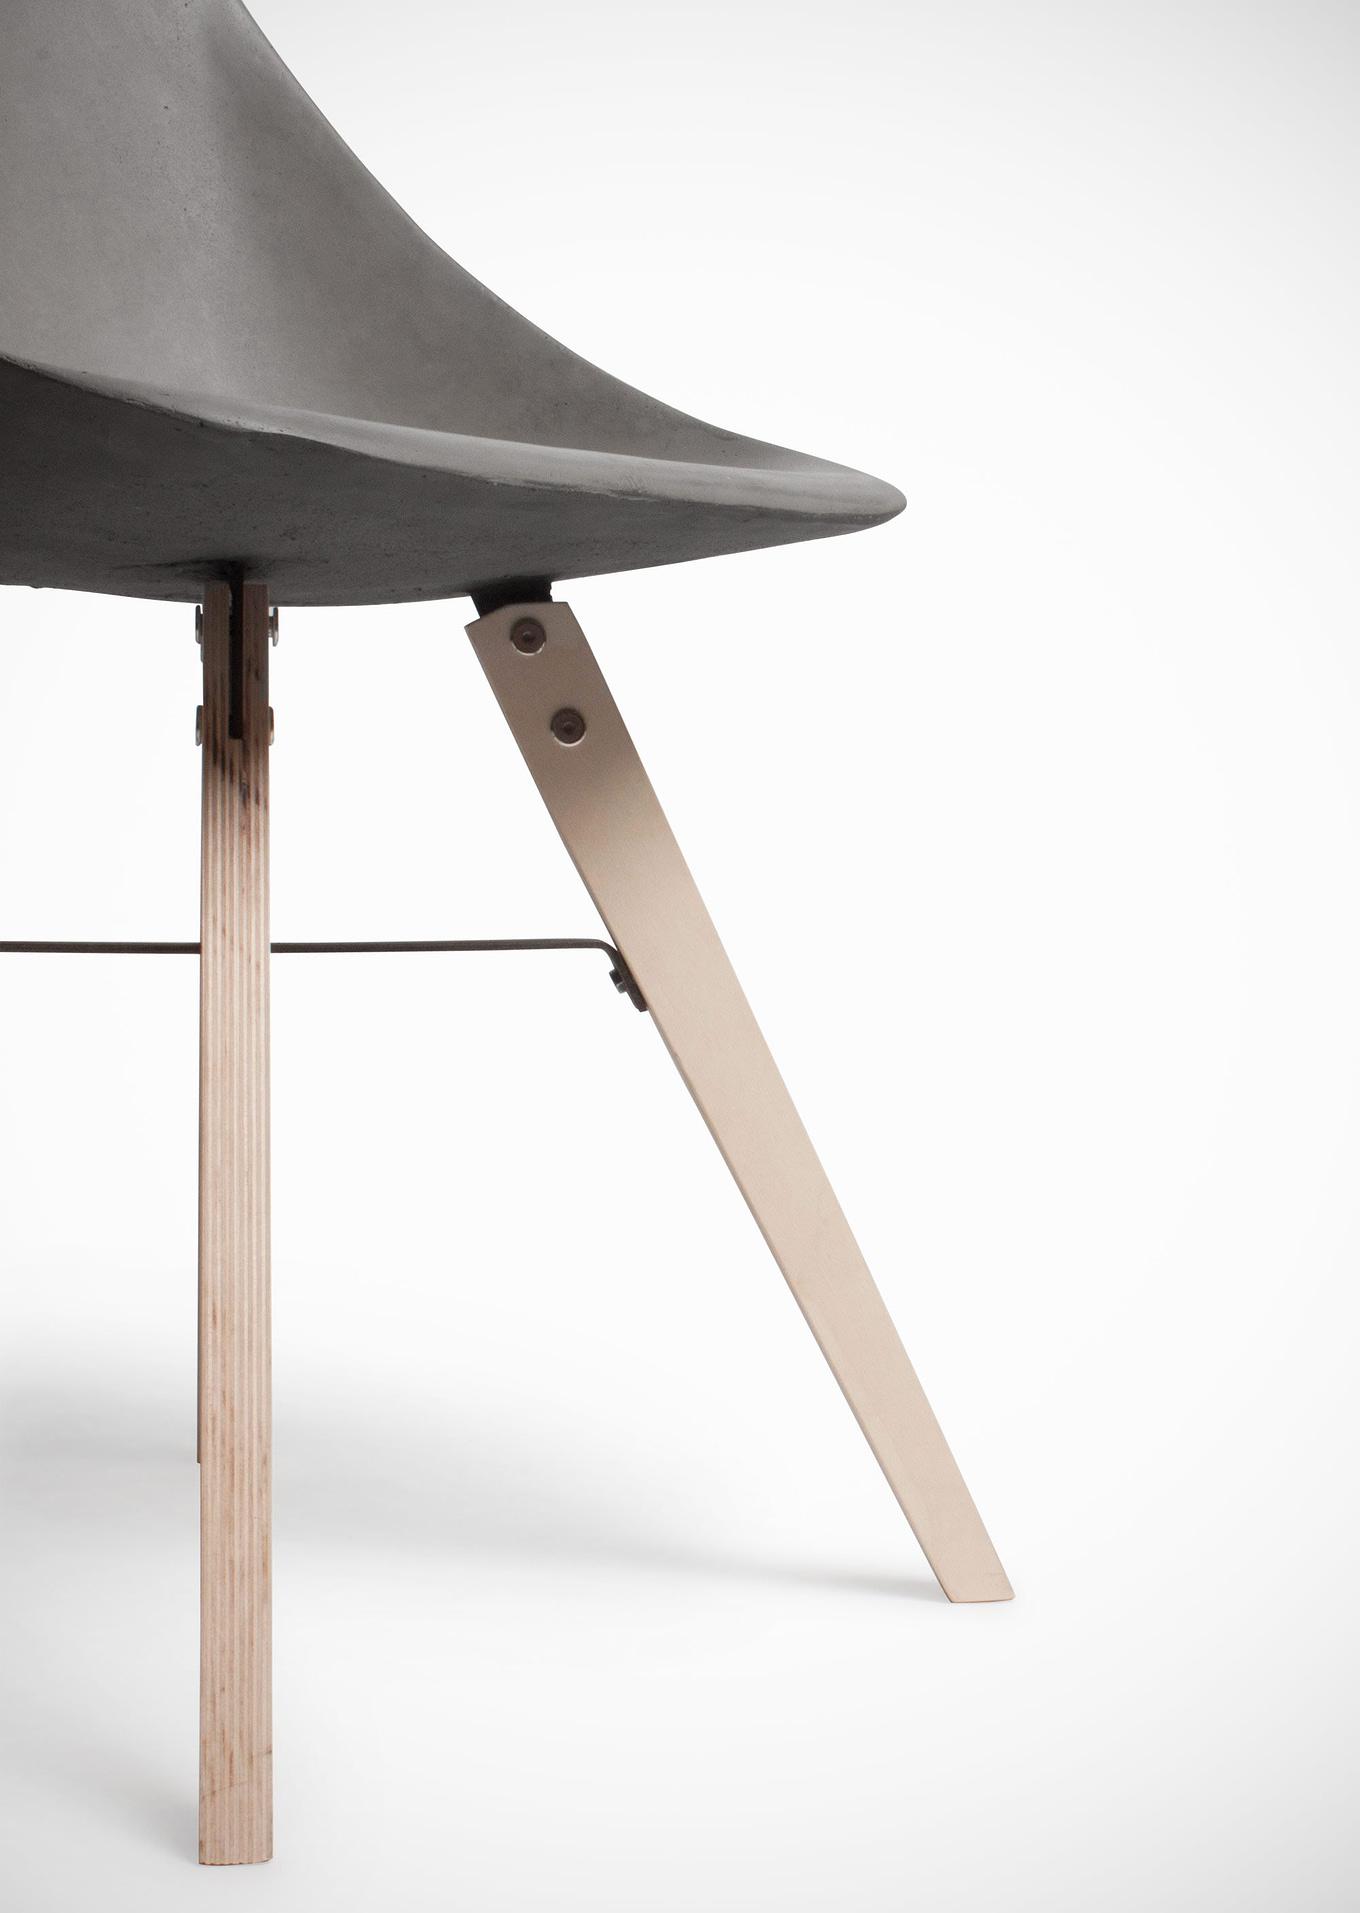 hauteville-conctete-chair-wood-legs-gessato-1